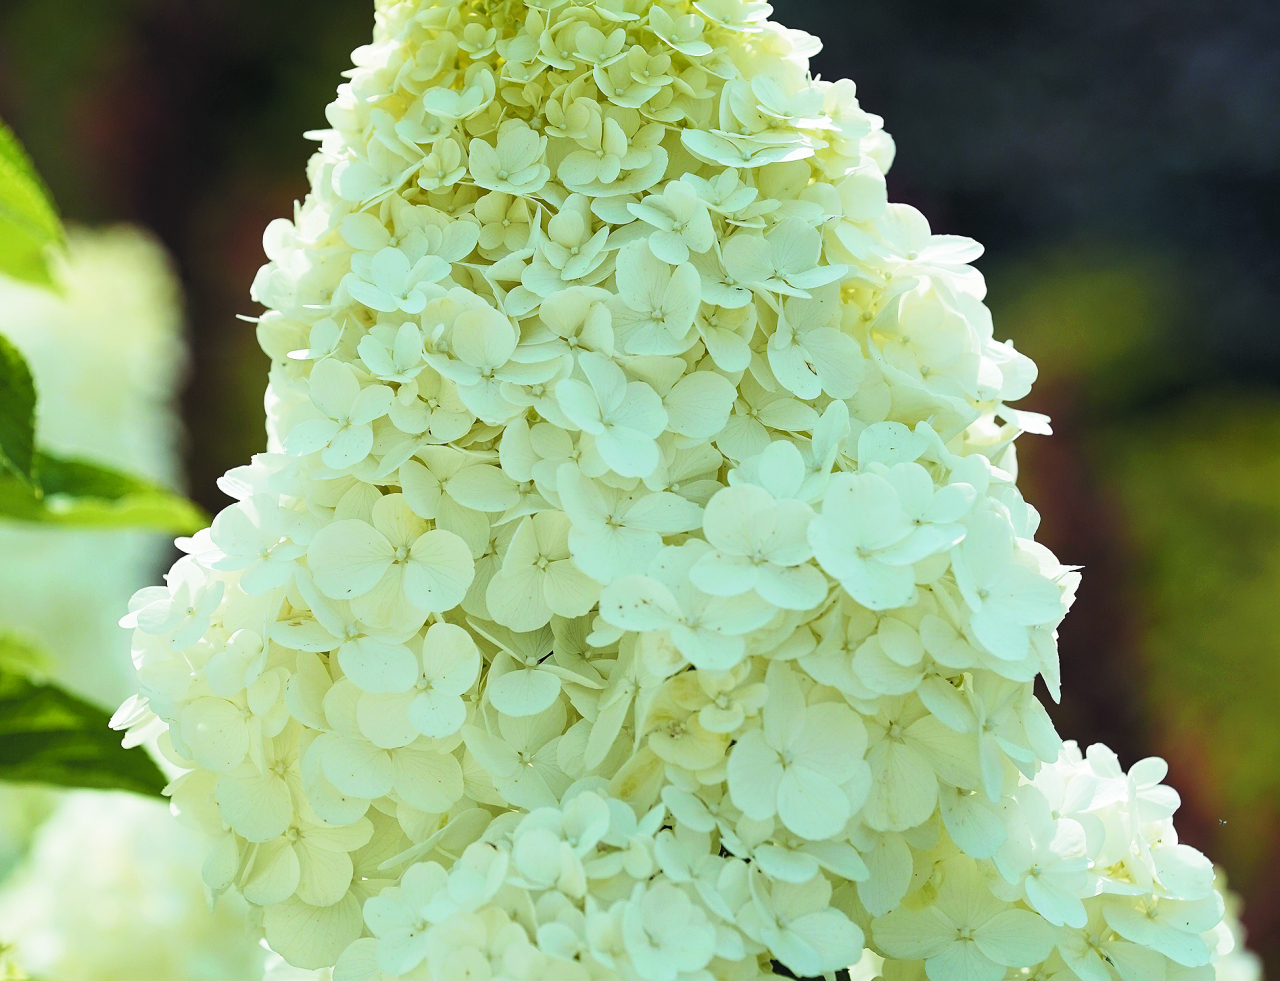 Polar Bear. Ļoti grezni, cēli ziedi. Krūms var sasniegt 1,5 m augstumu, vainags noapaļots. Ziedi ir dzeltenzaļi, balti, bet rudenī iekrāsojas rozā. Zied no jūlija līdz septembrim.